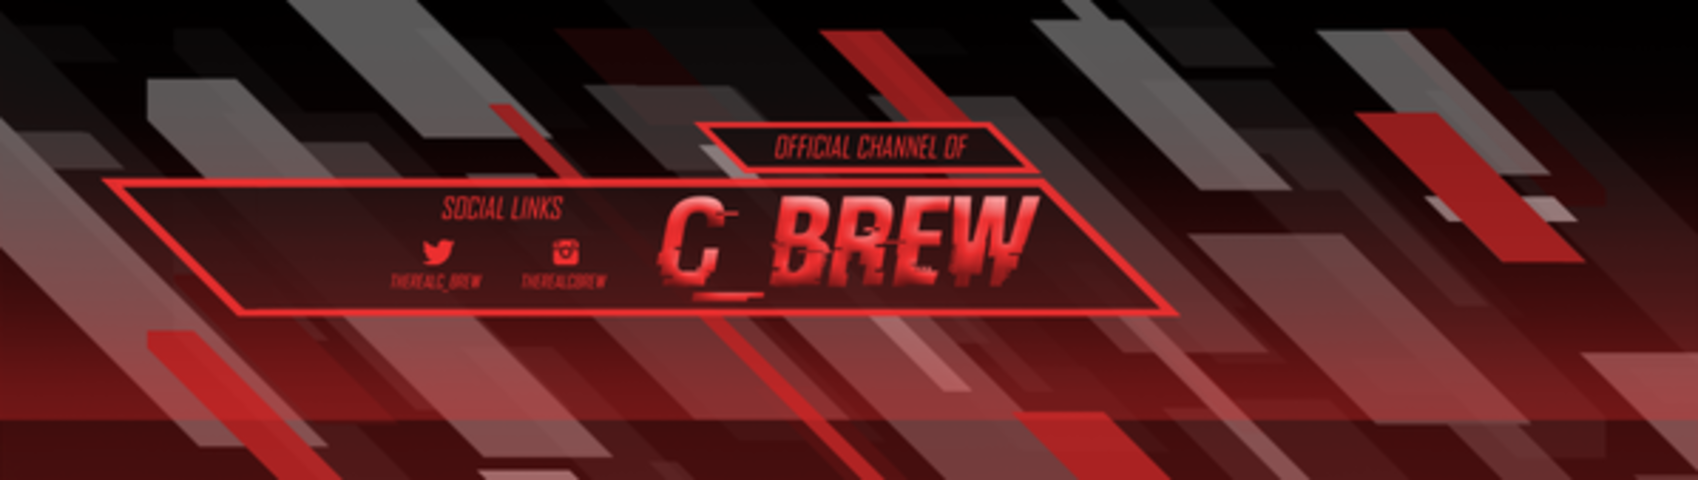 C_BREW